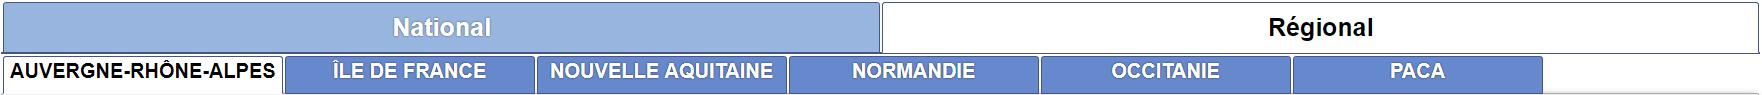 Exemple des indicateurs prenant en compte les enjeux régionaux